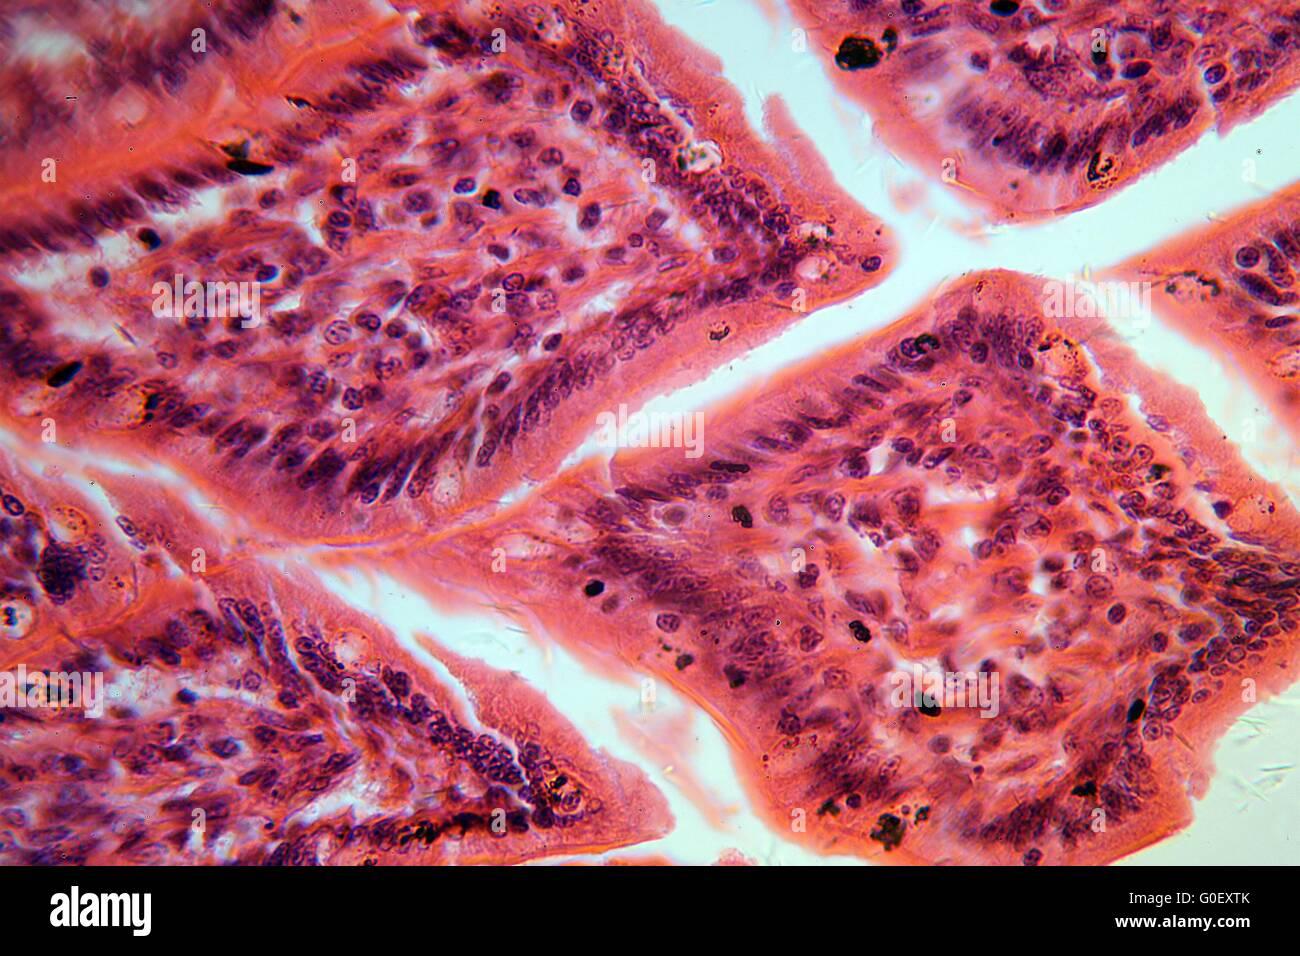 Una sección a través de las células del intestino delgado bajo el microscopio. Foto de stock